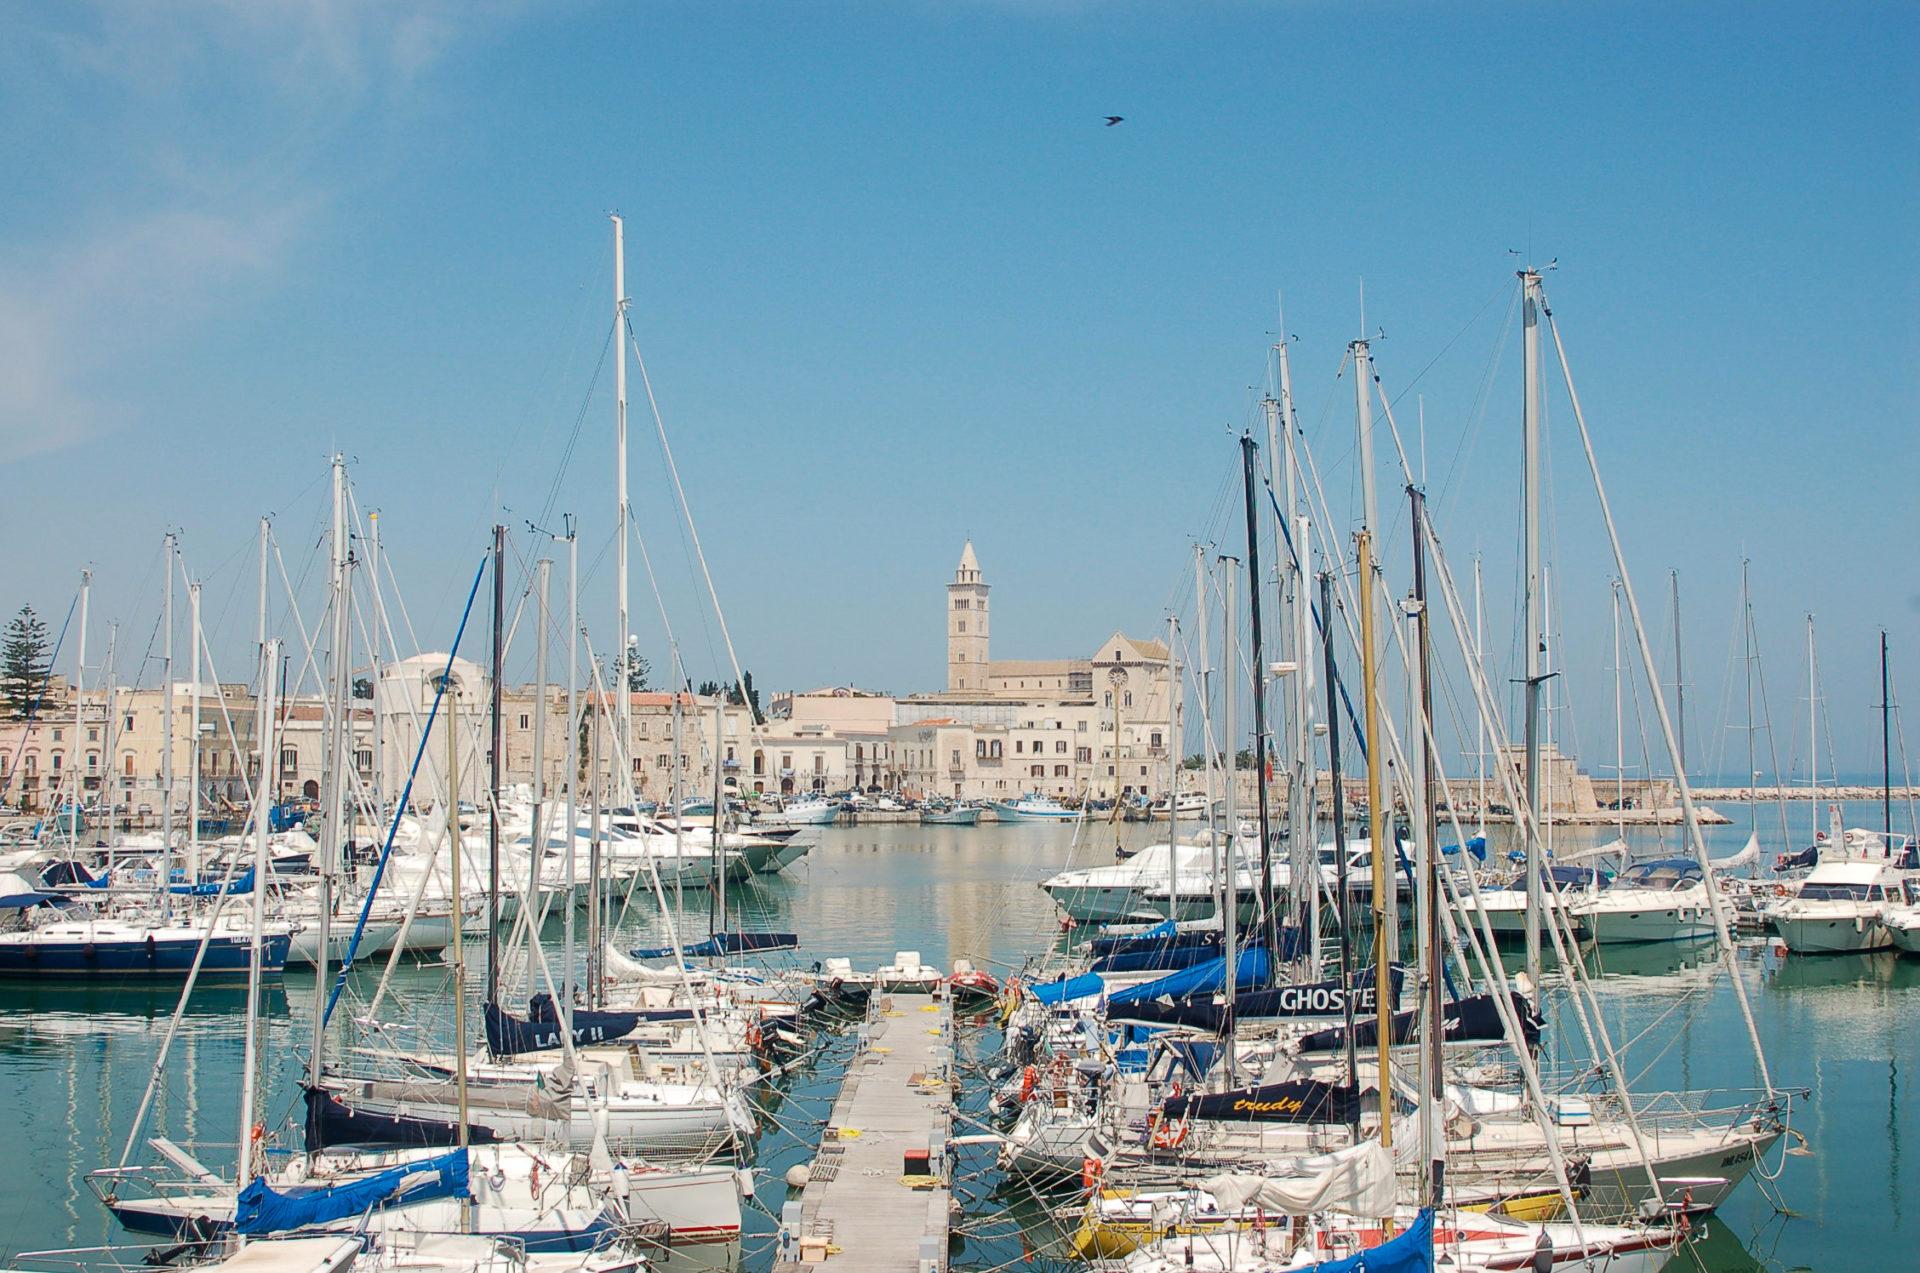 Der Hafen von Trani in Apulien gehört zu den Top-Sehenswürdigkeiten neben dem Primitivo